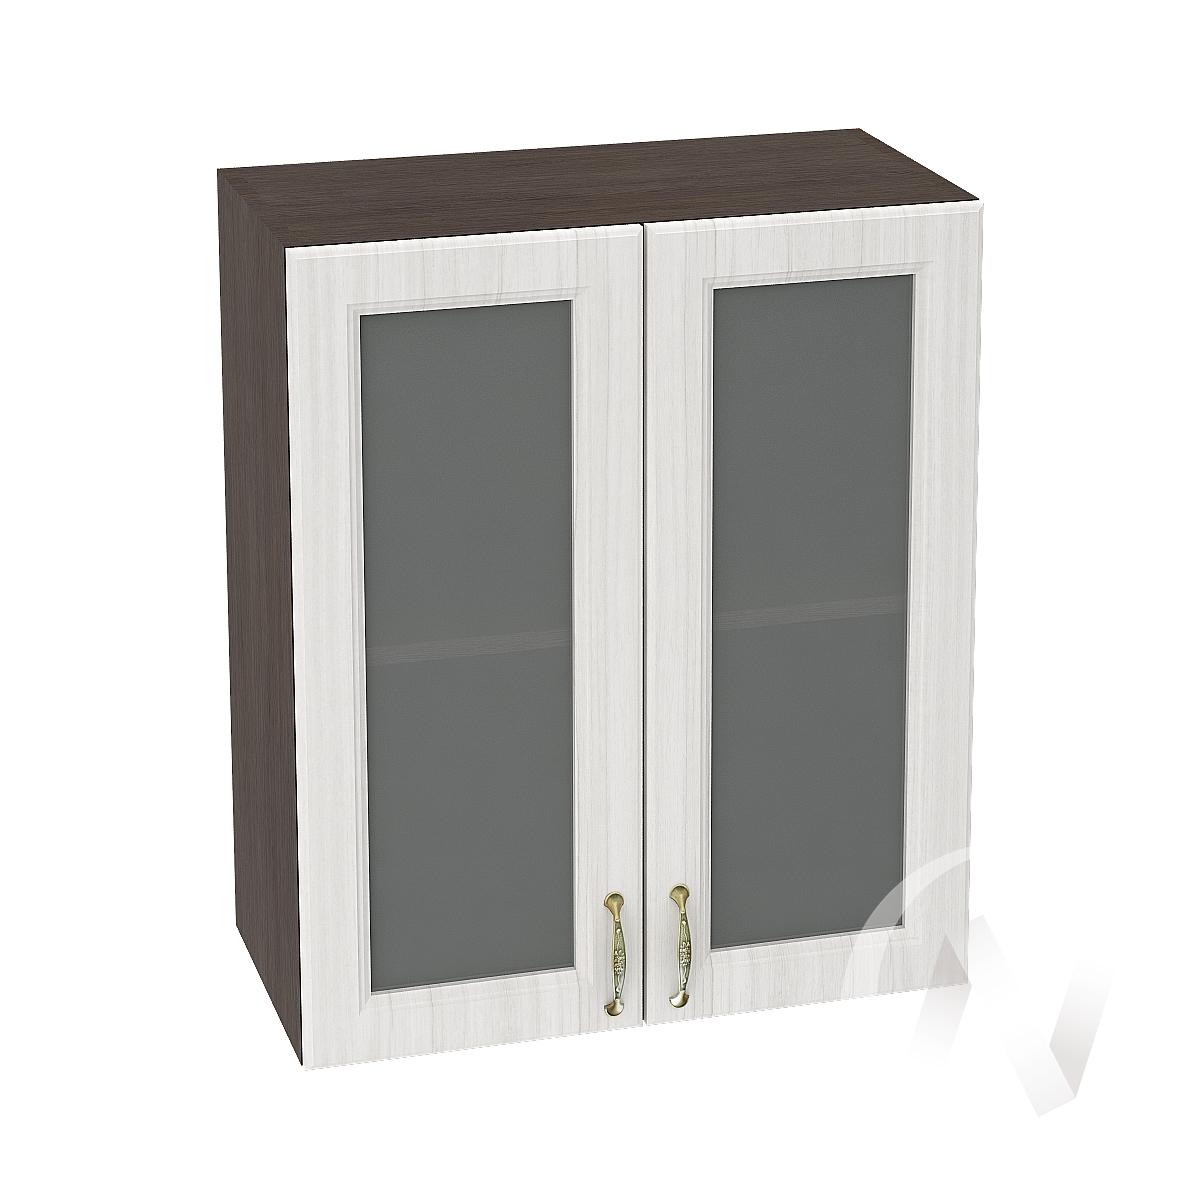 """Кухня """"Виктория"""": Шкаф верхний со стеклом 600, ШВС 600 (корпус венге) в Новосибирске в интернет-магазине мебели kuhnya54.ru"""